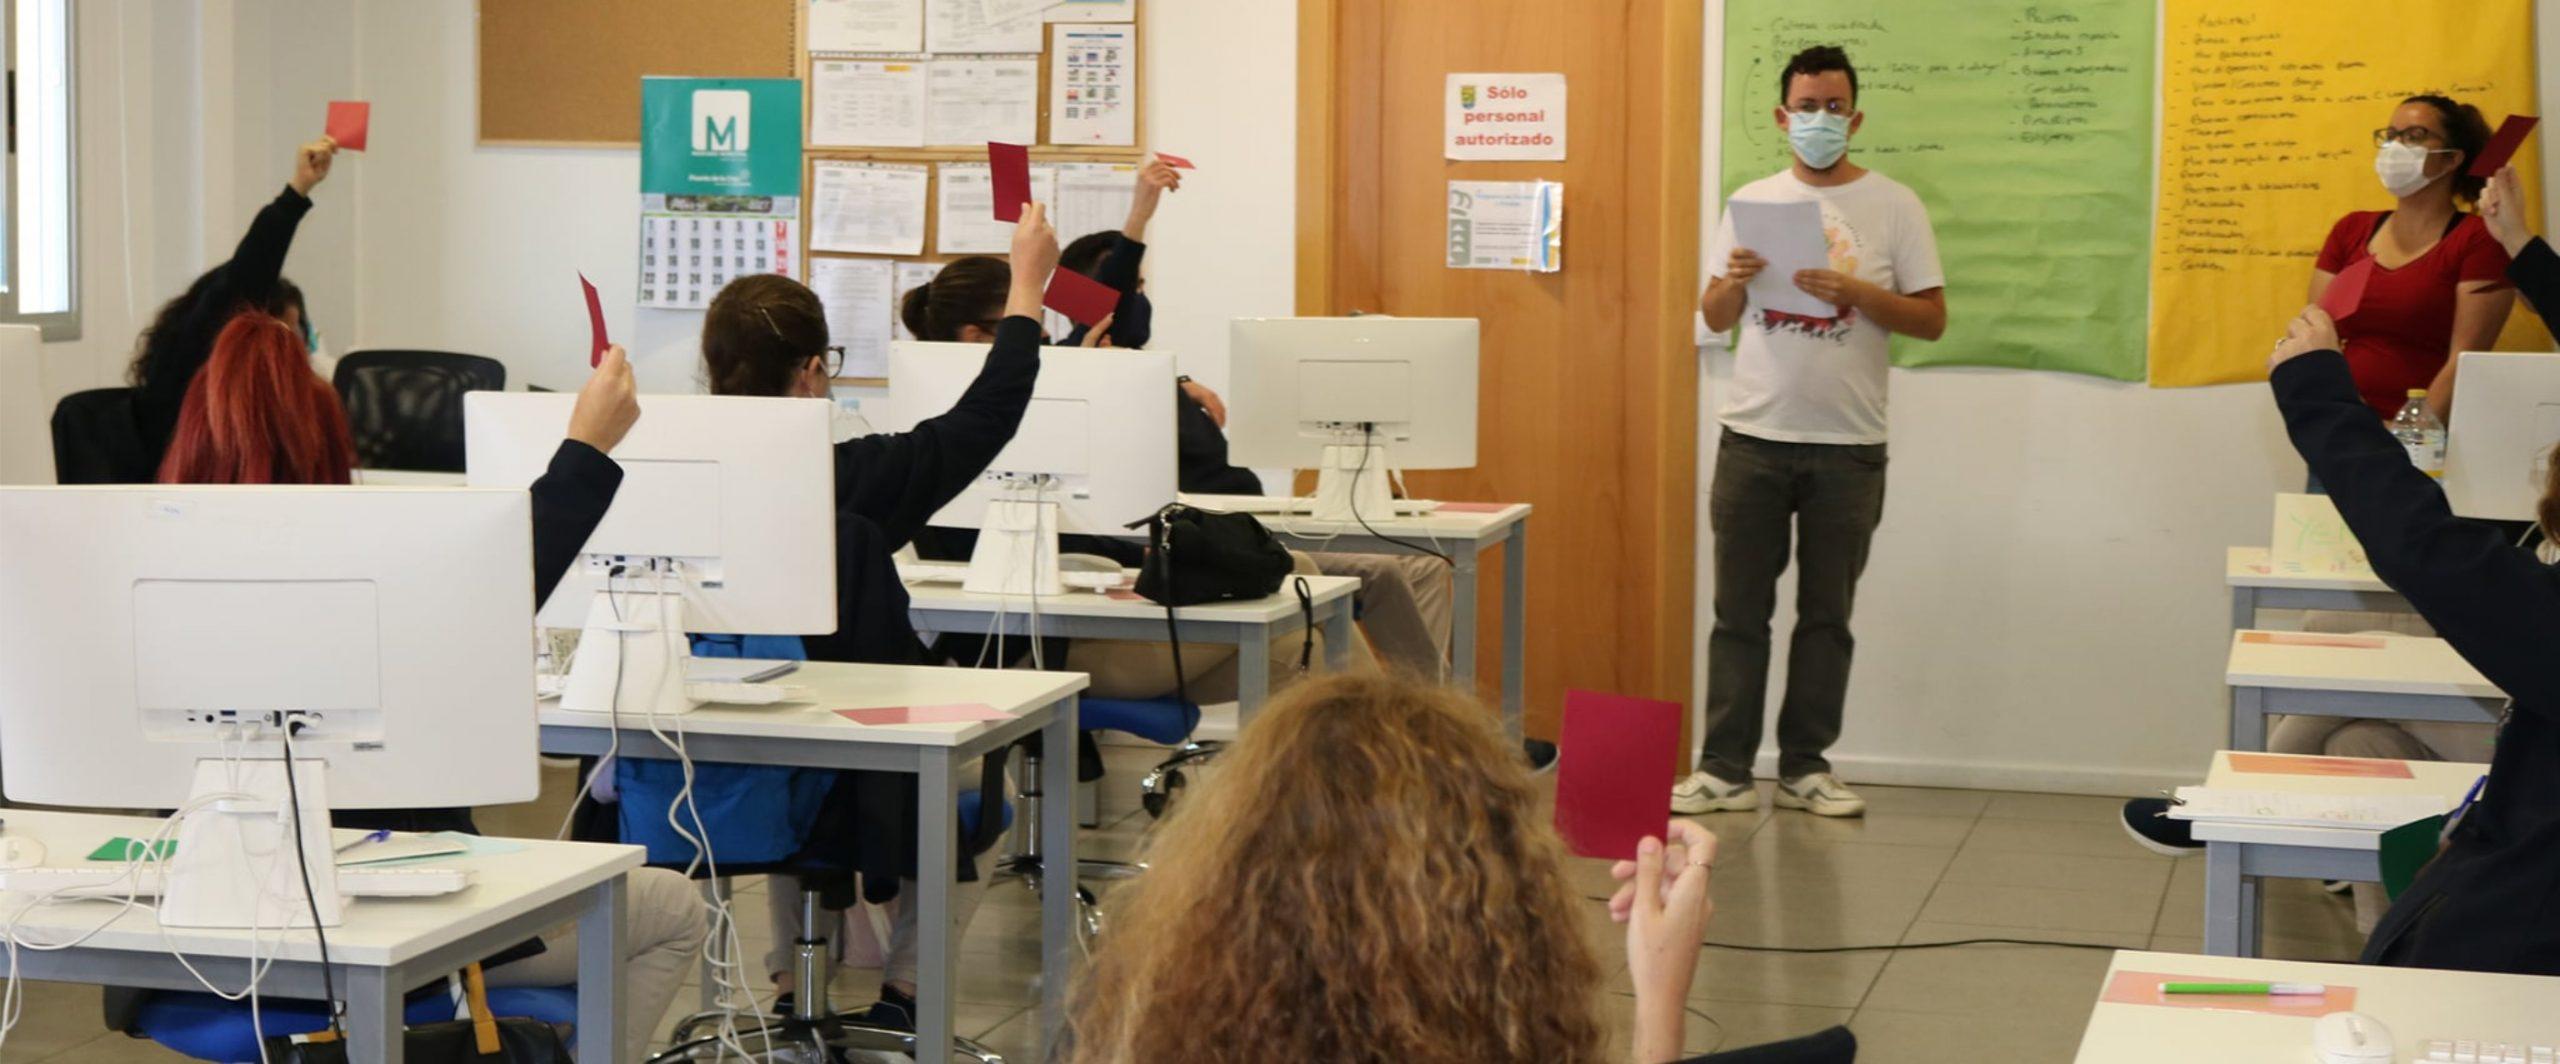 Juntas En la misma dirección realiza talleres en Tenerife para resaltar el valor de la diversidad cultural